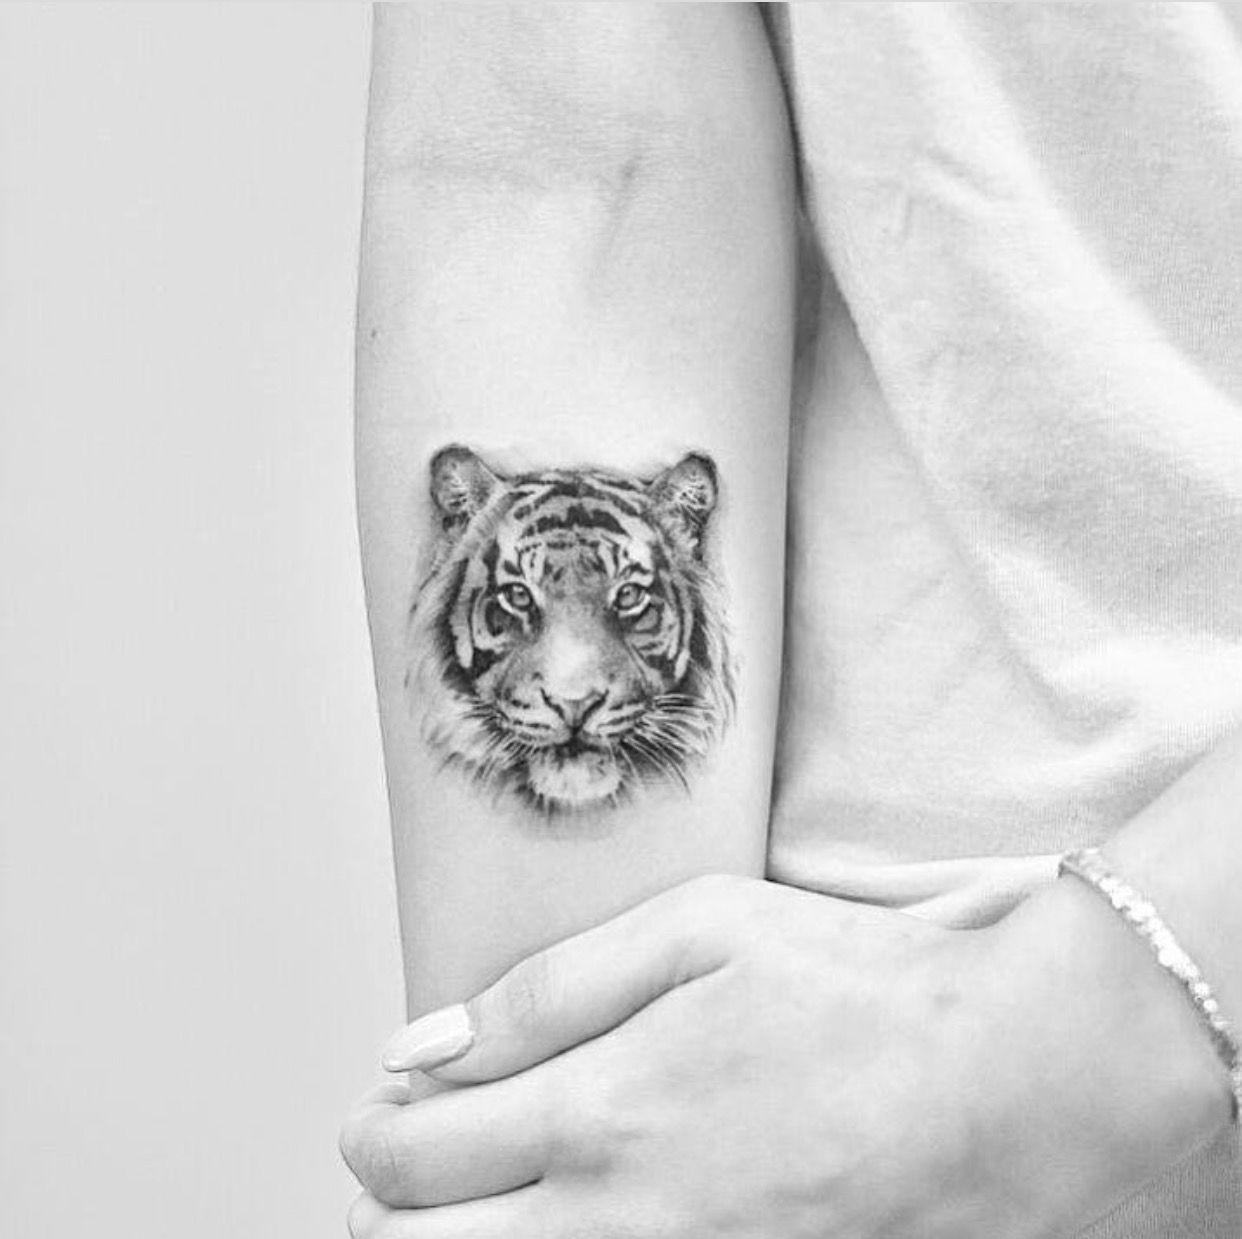 tiger tattoo tattoo ideen pinterest tattoo ideen eine t towierung und tattoo vorlagen. Black Bedroom Furniture Sets. Home Design Ideas